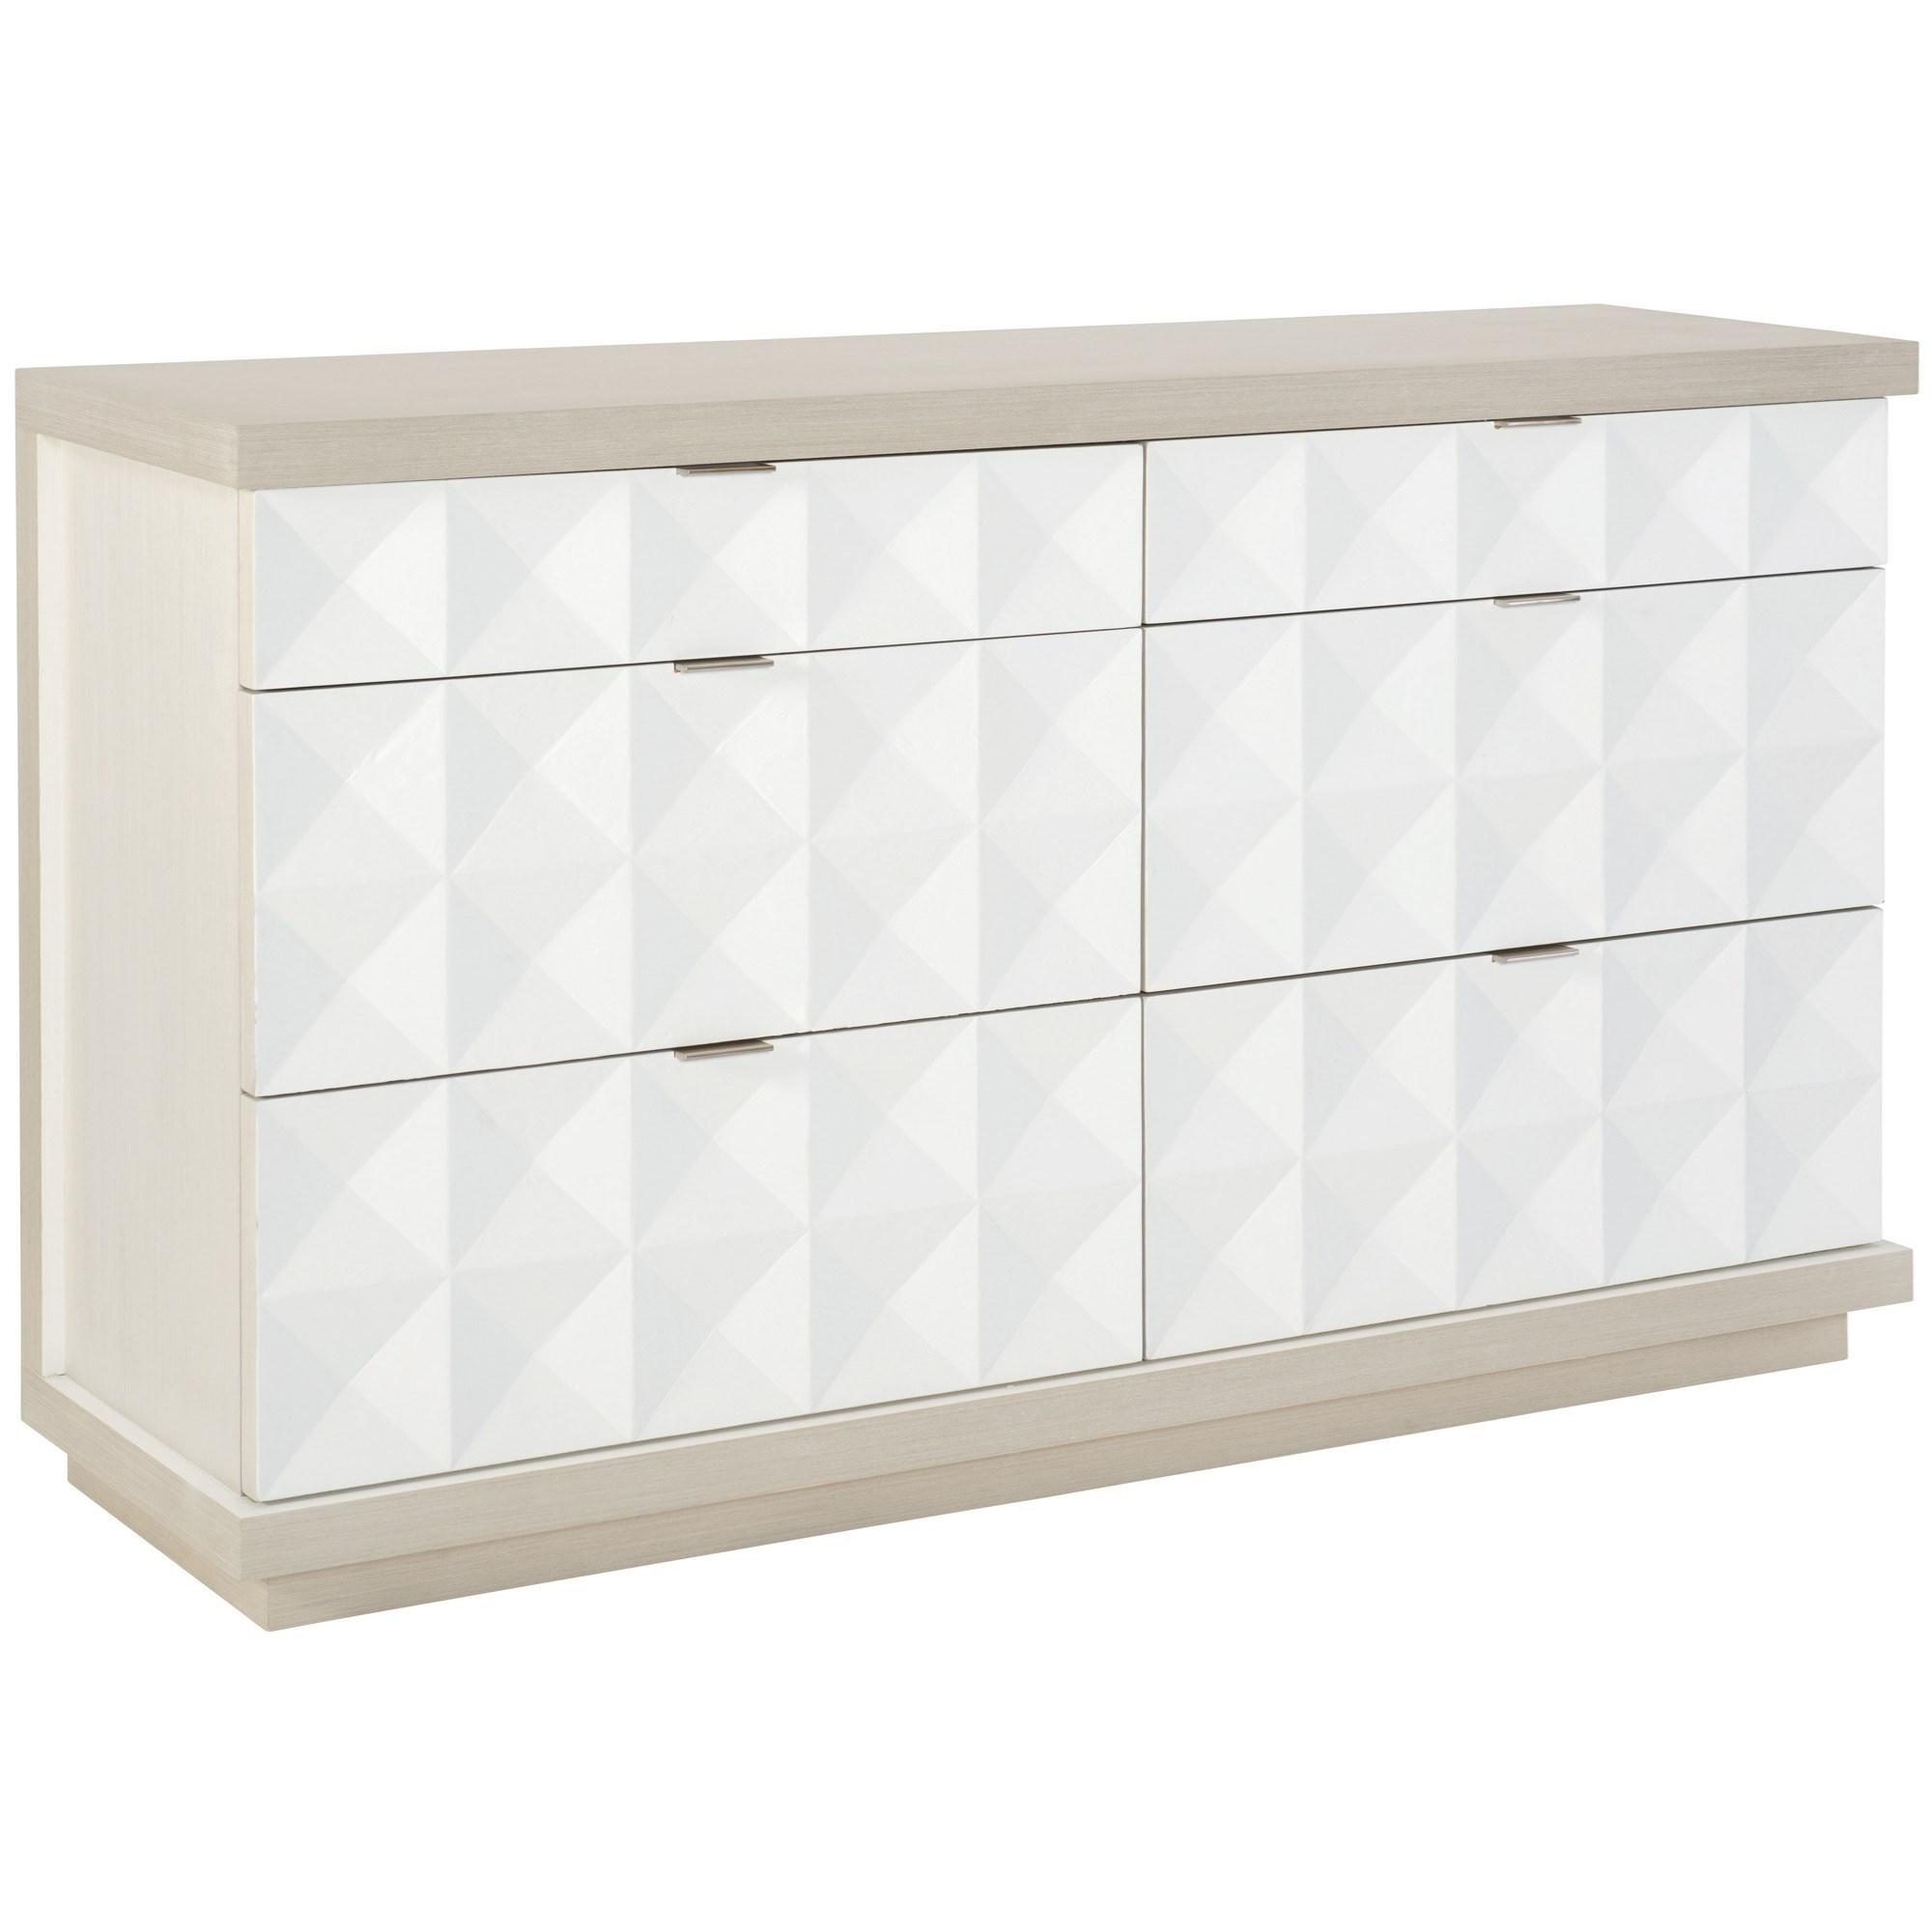 Bernhardt Axiom 381 056 Contemporary Dresser With 6